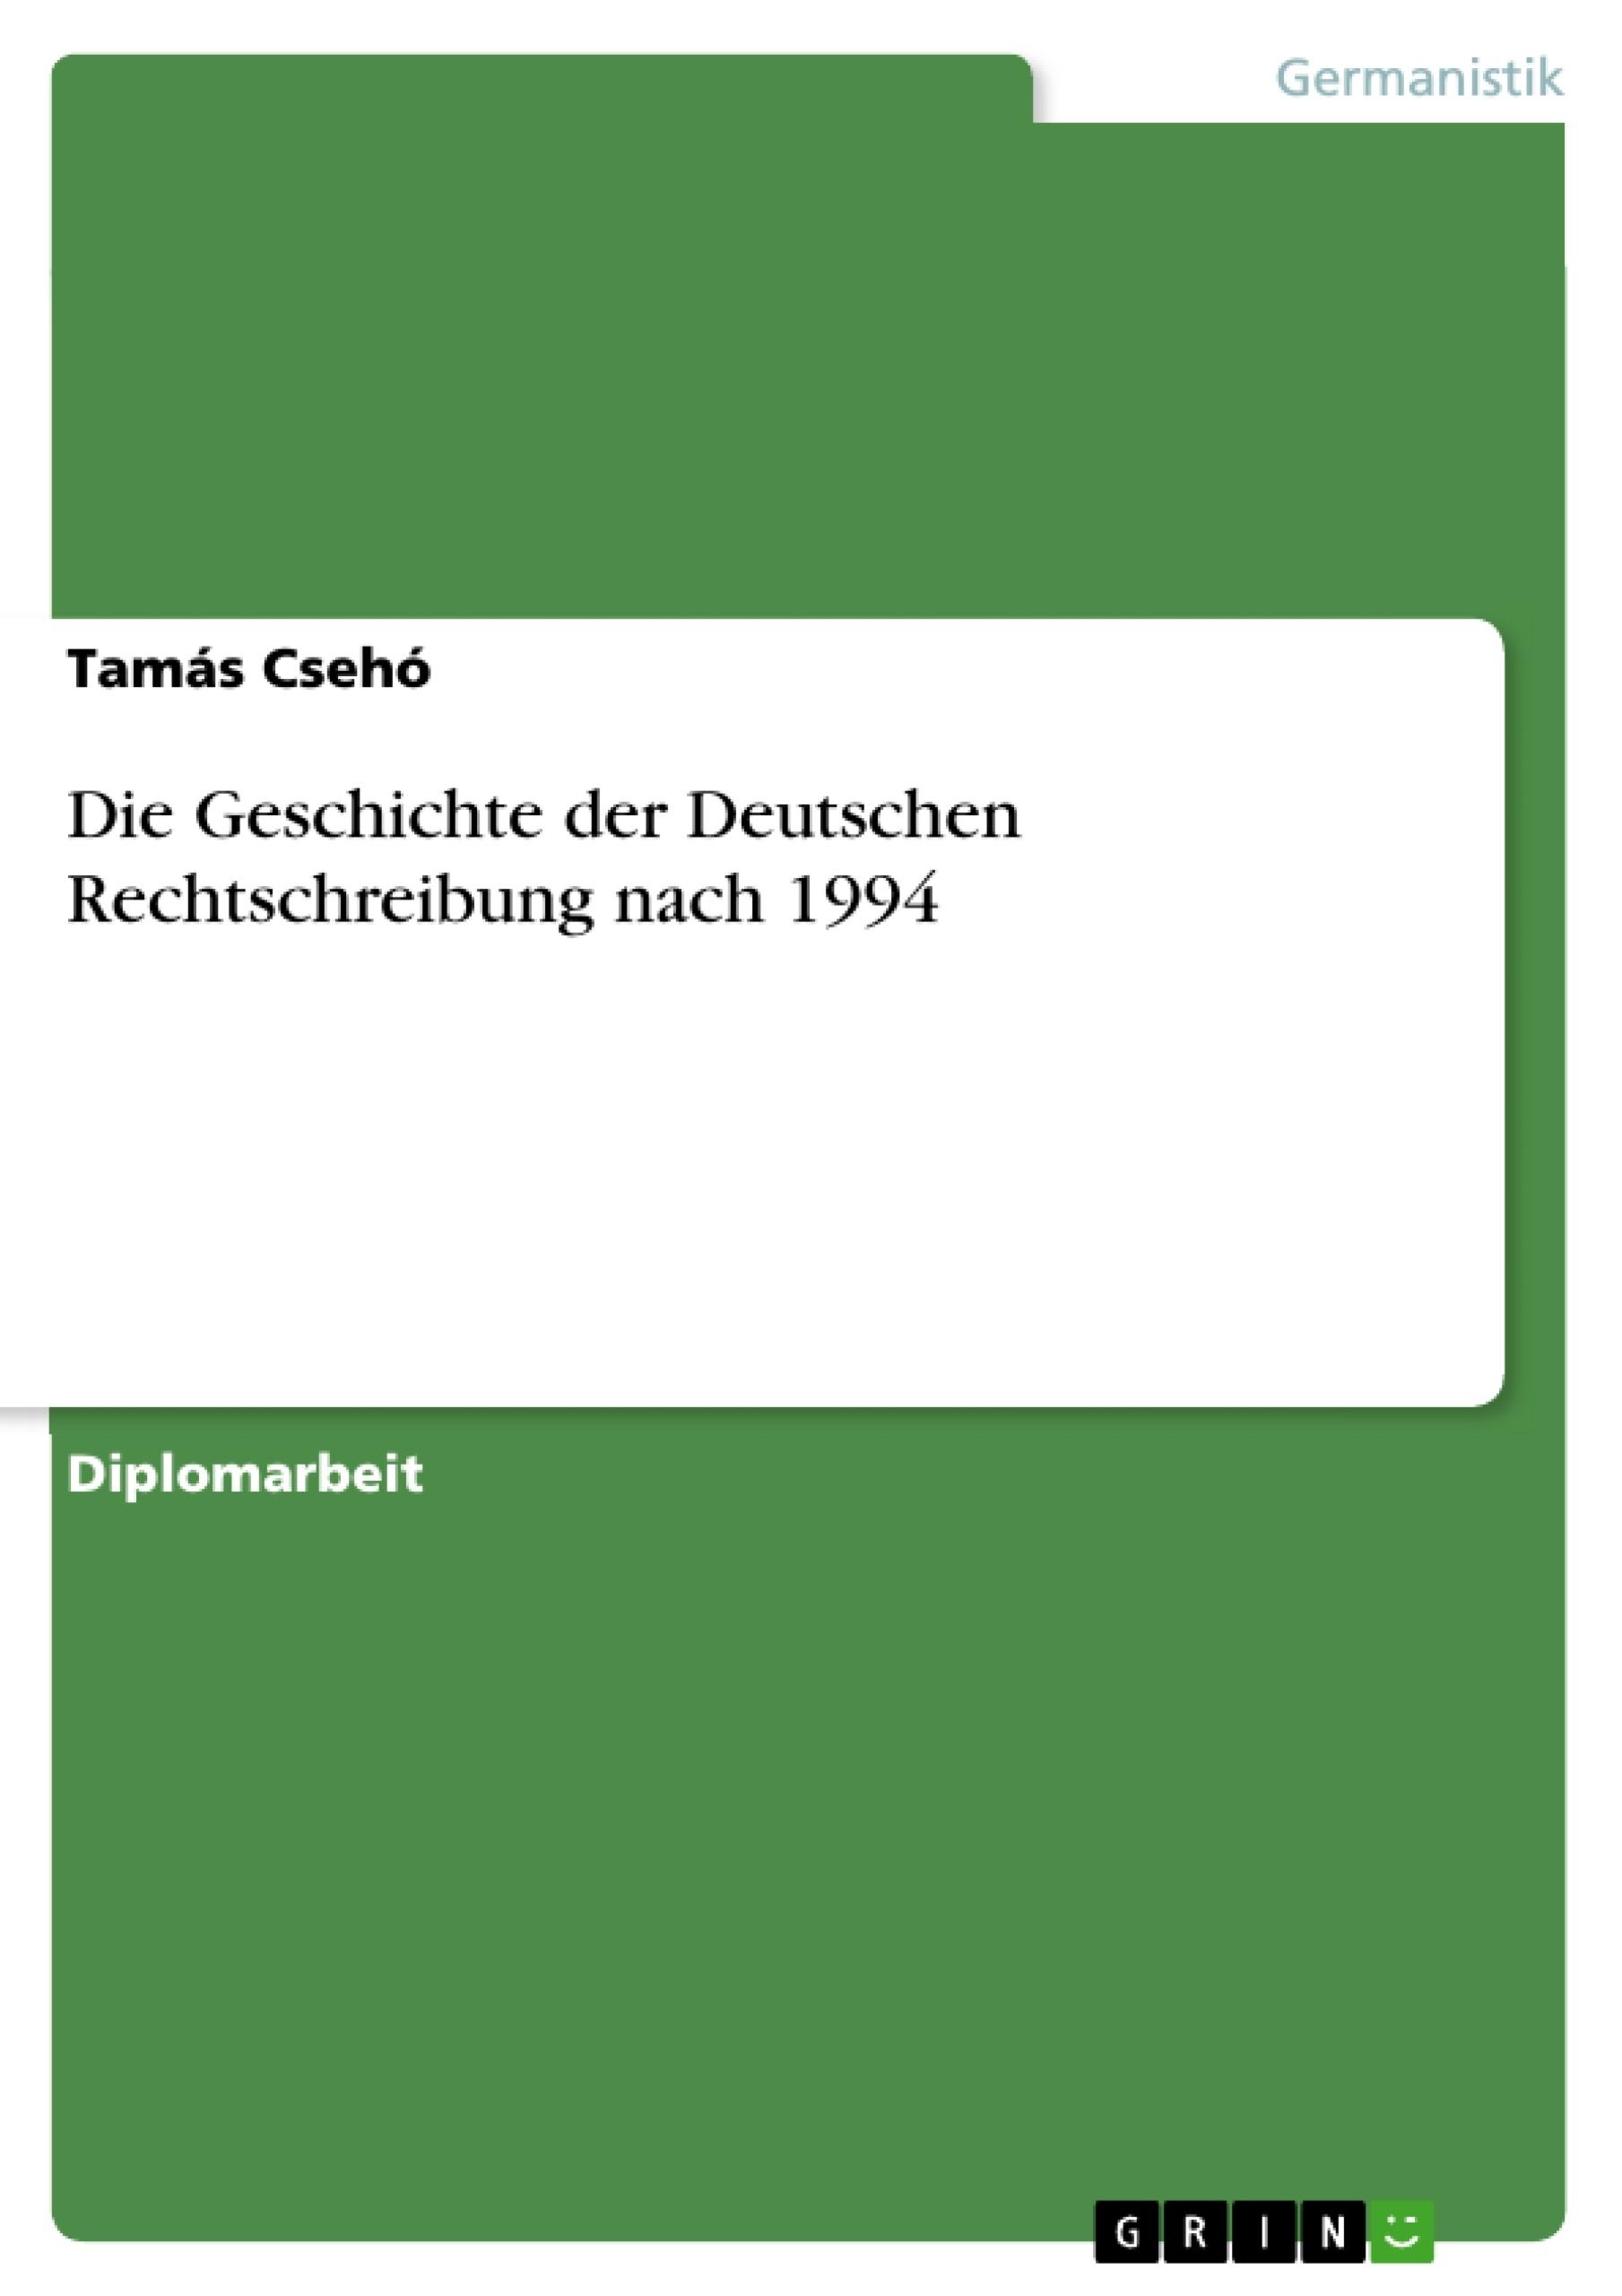 Titel: Die Geschichte der Deutschen Rechtschreibung nach 1994